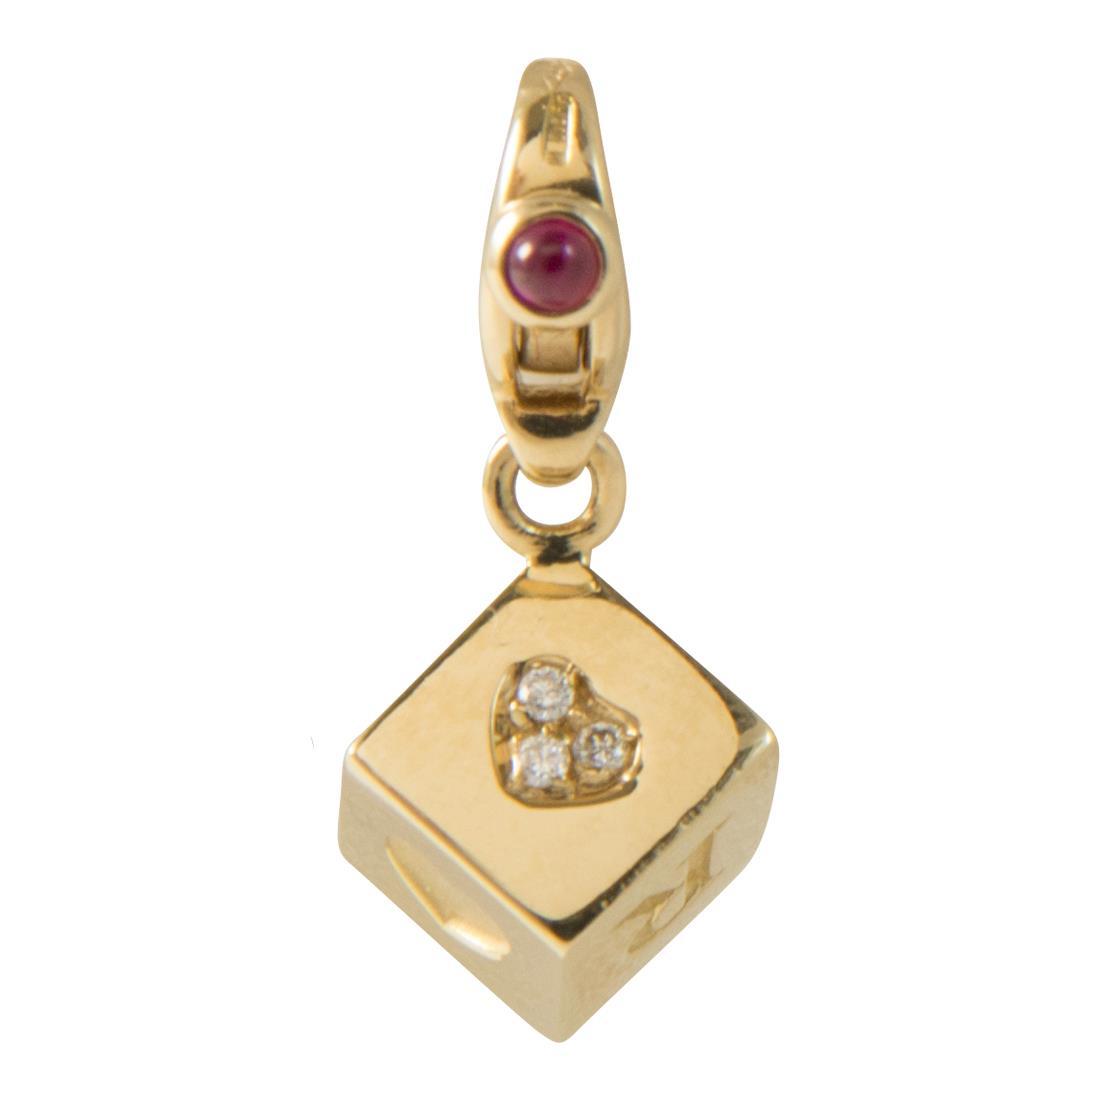 Ciondolo dado charm in oro giallo con diamanti ct 0.02 e rubini ct 0.06 - PASQUALE BRUNI